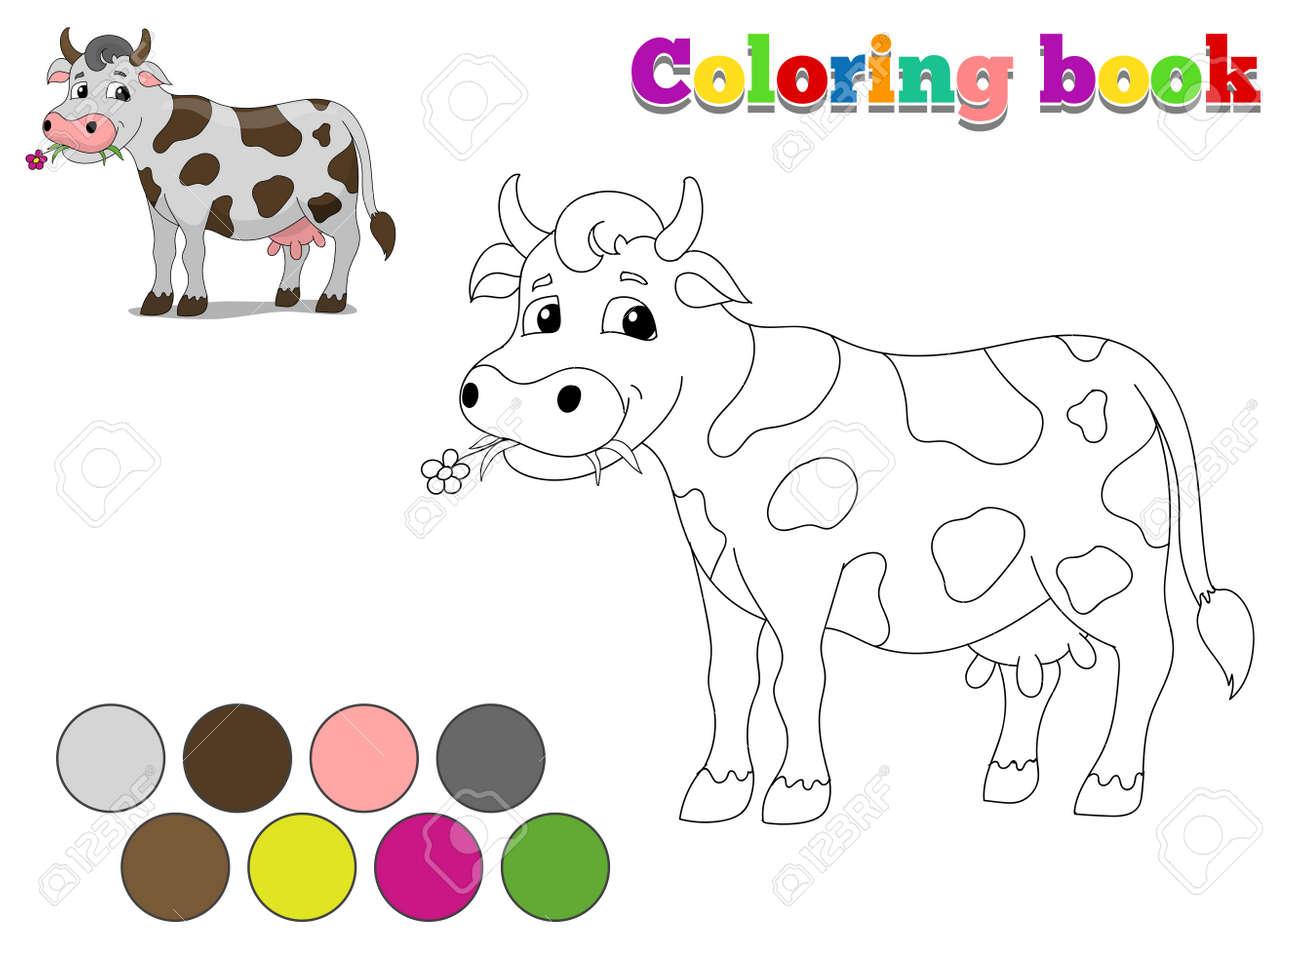 Libro Para Colorear Niños Vaca Diseño Para Dibujos Animados Juego Dibujado A Mano Ilustración Vectorial